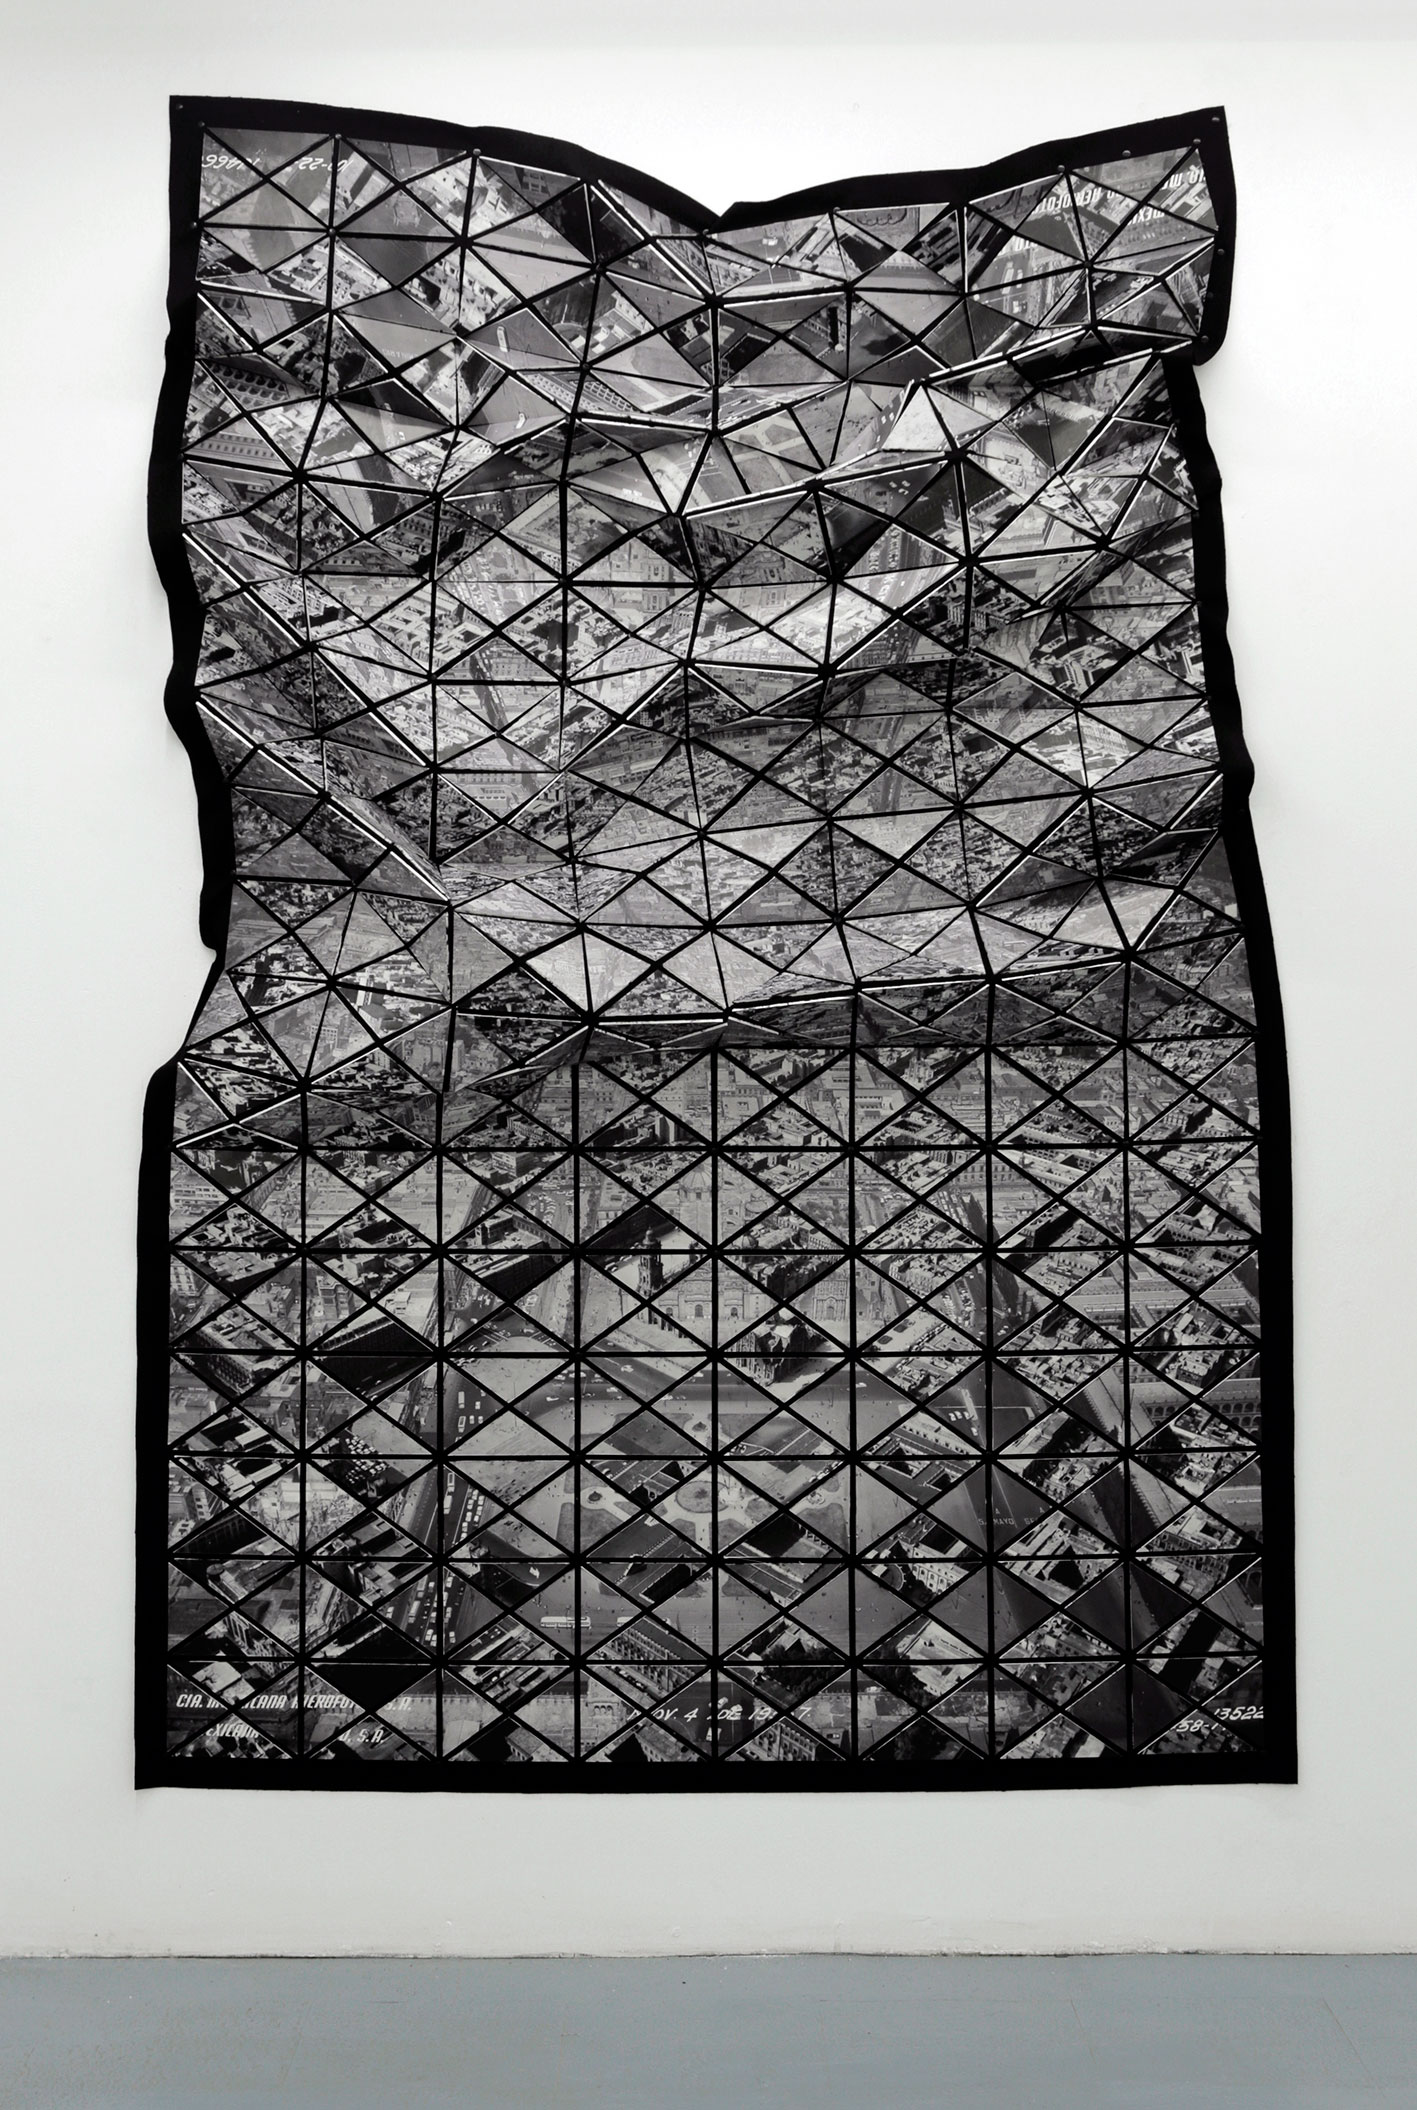 Quirarte + Ornelas  Estructura poligonal - Zócalo , 2016. Imagen de archivo en papel fotográfico, trovicel y paño, 236.5 x 143 cm.